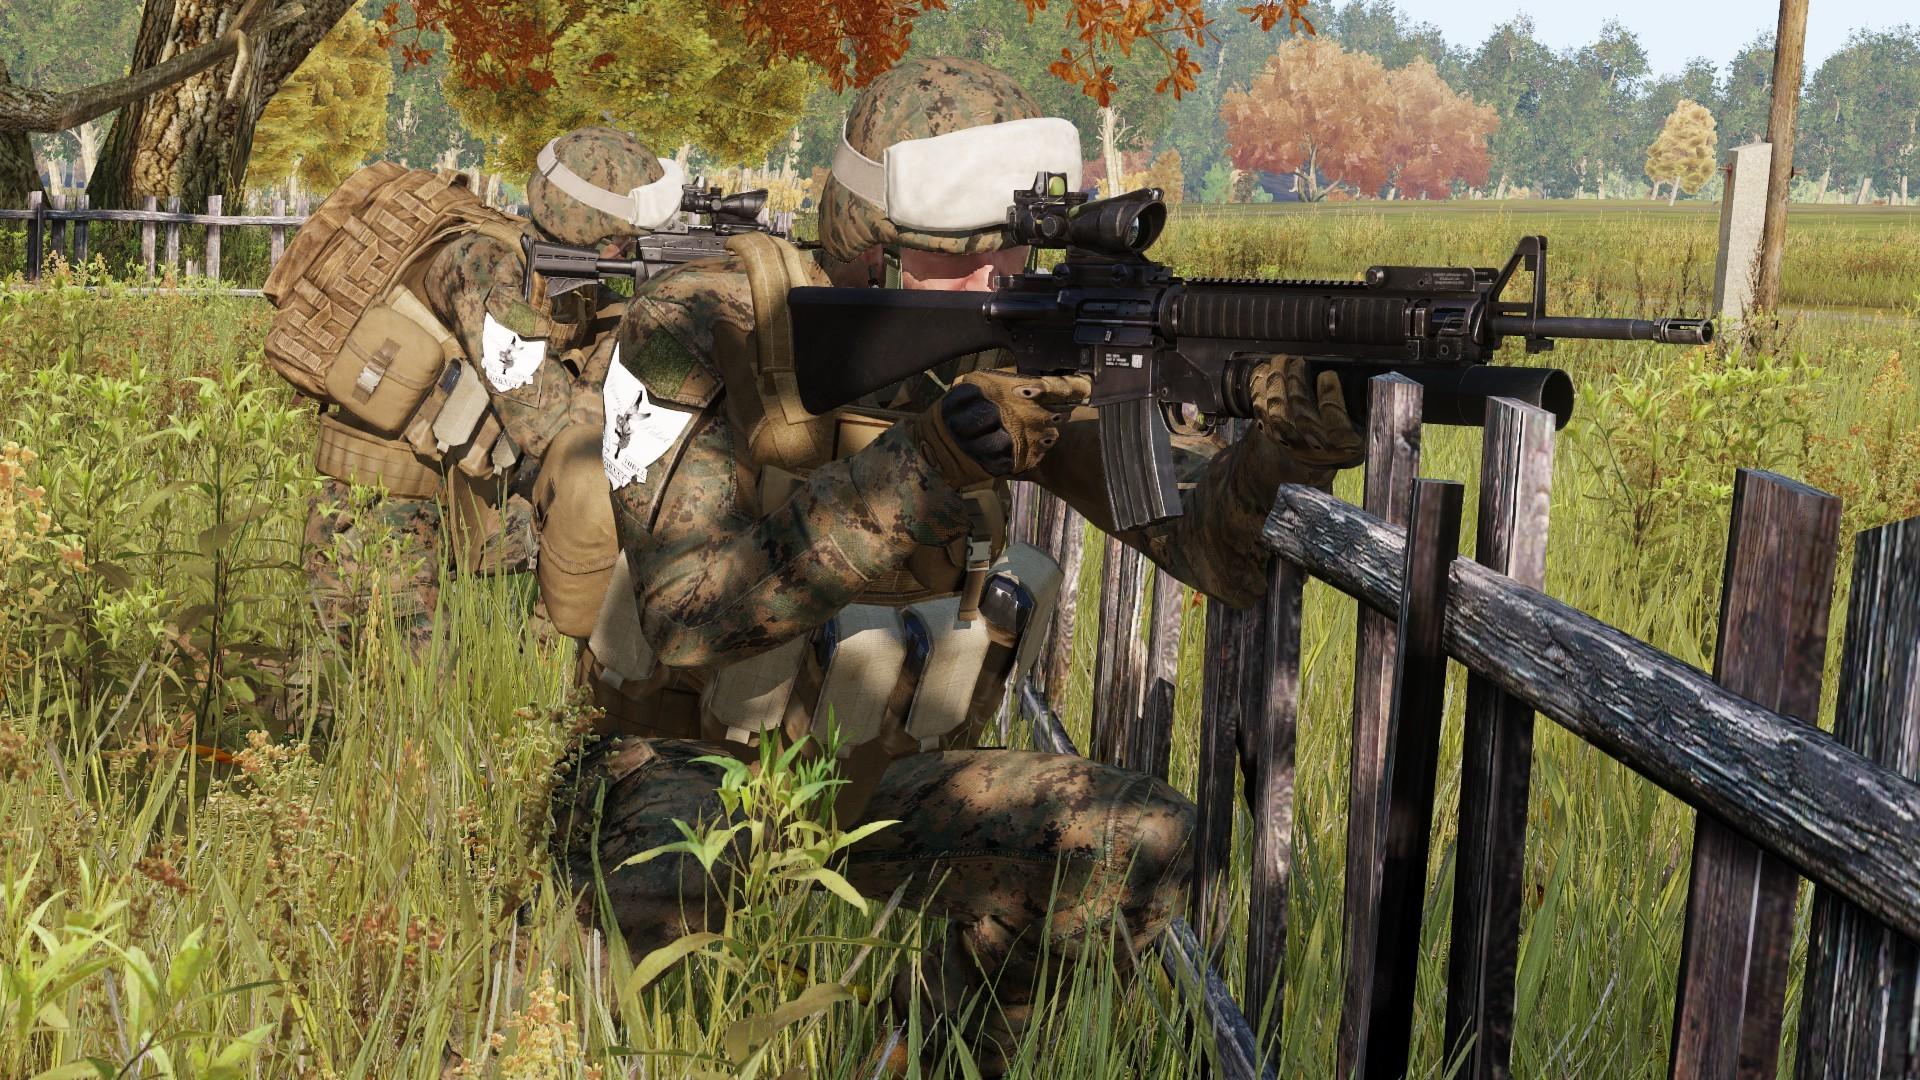 Task Force Hornet